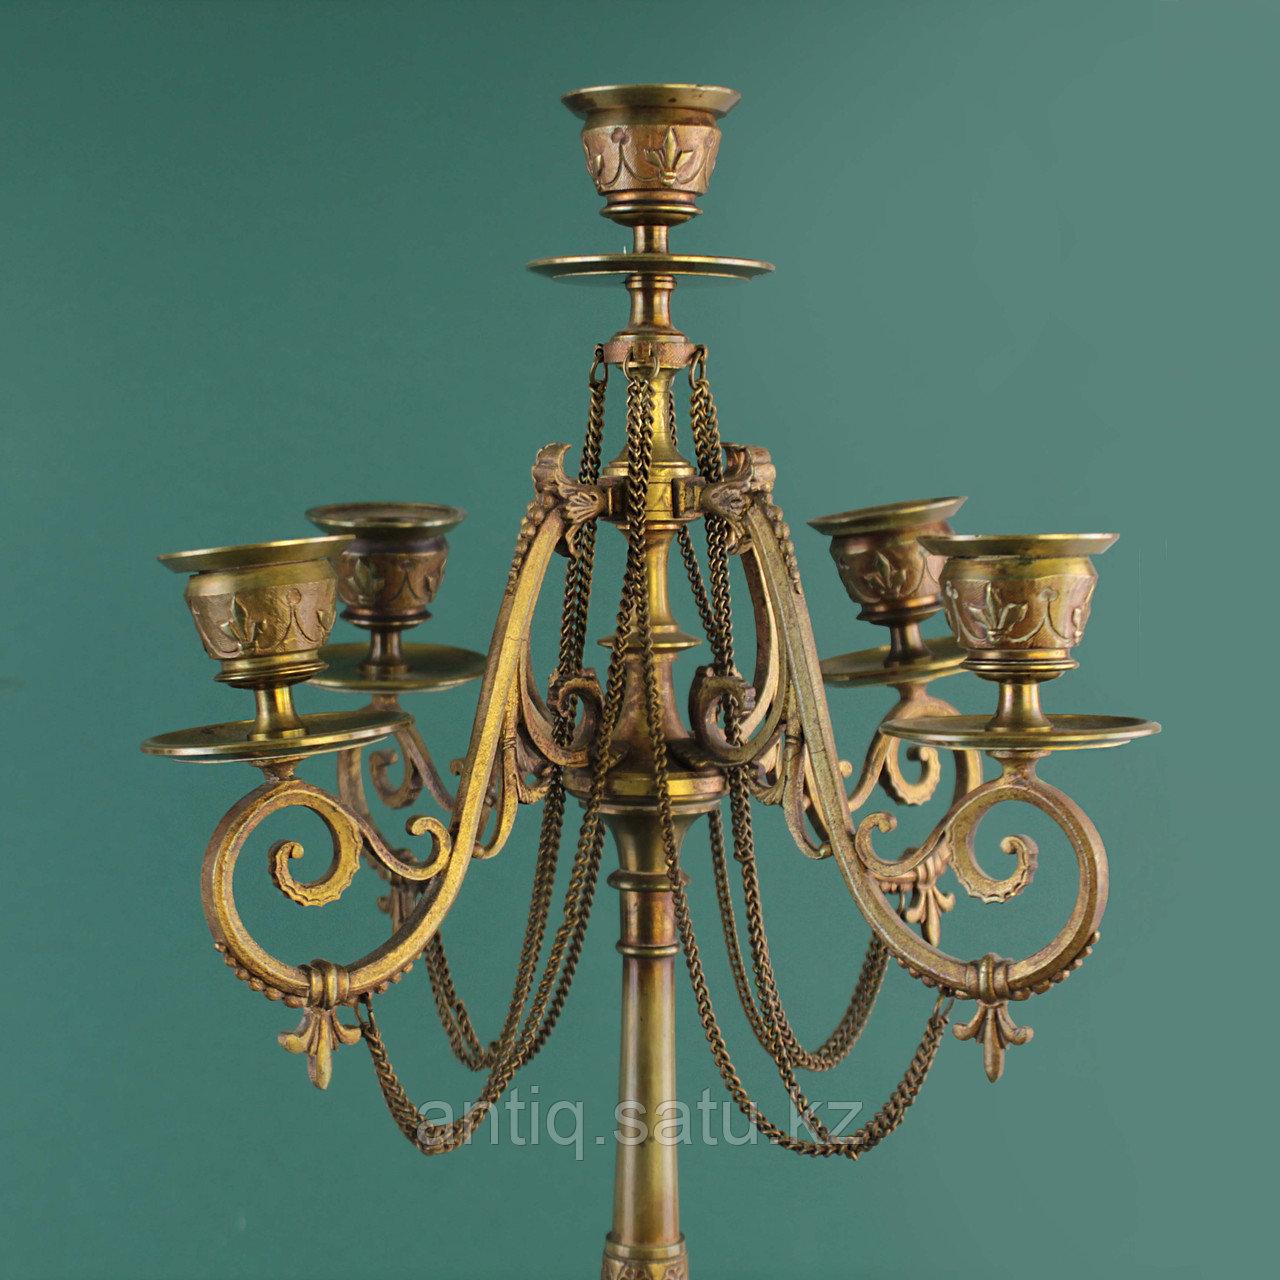 Пара канделябров в стиле Наполеона III. Франция. XIX век - фото 6